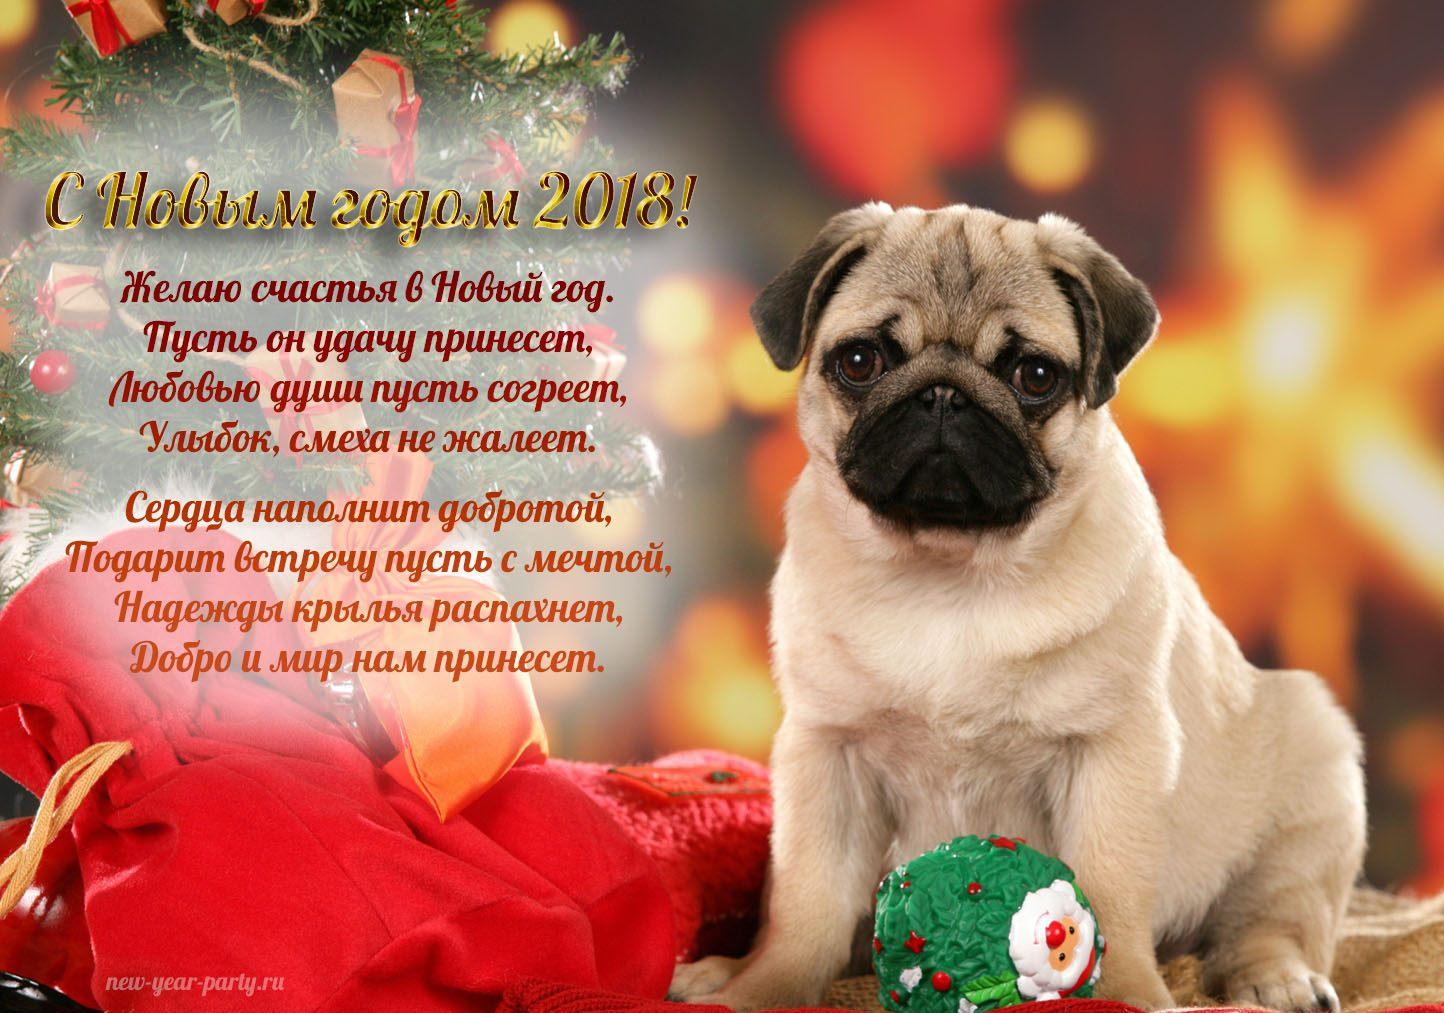 Пожелания на новый год от дочки